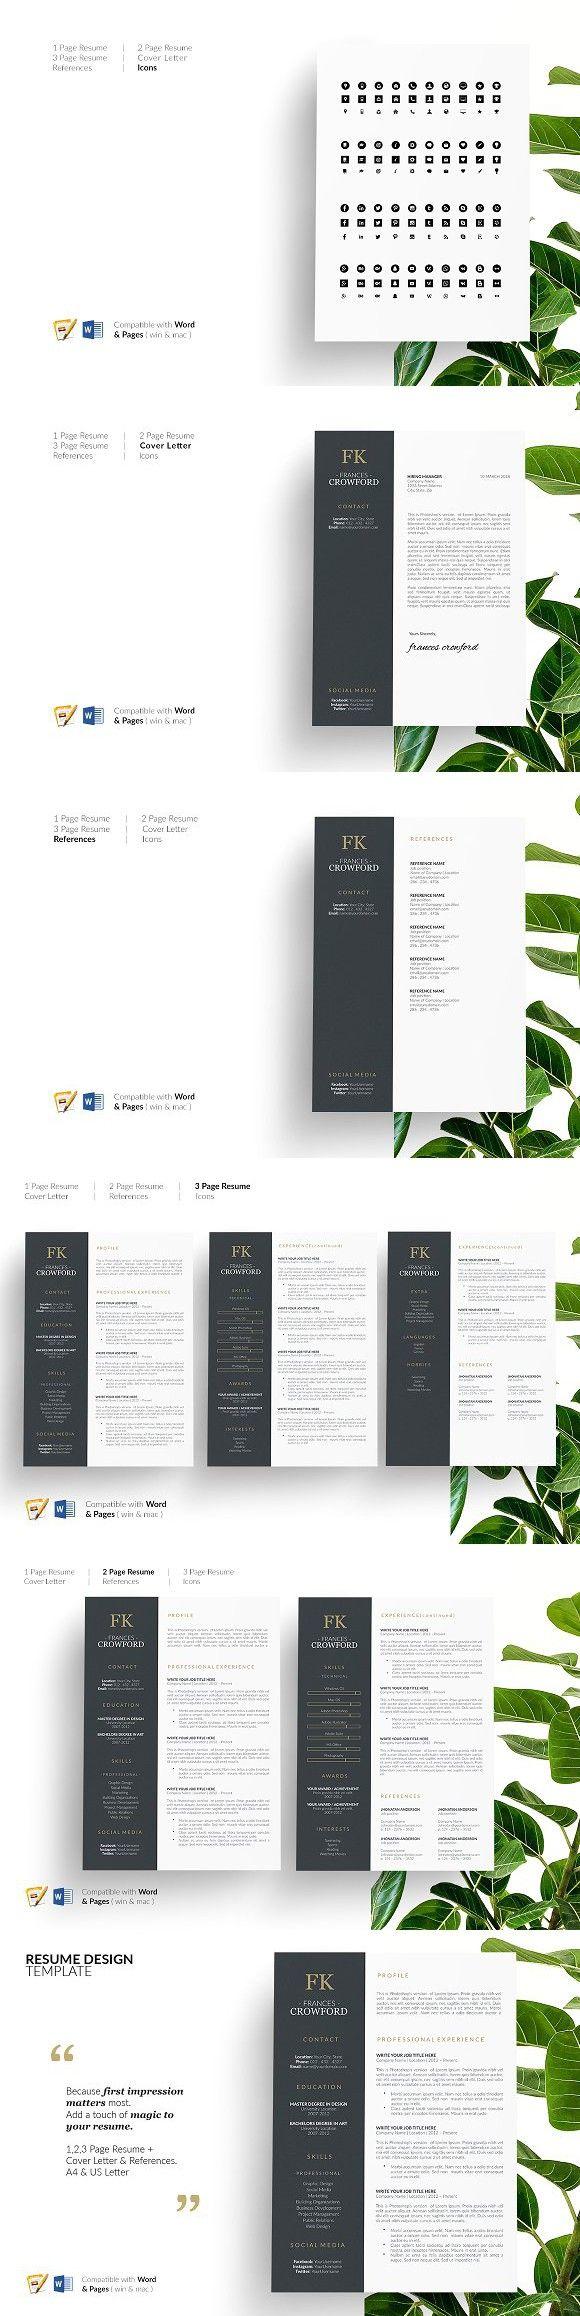 CV Design. CV Template. Resume Cv template, Cv design